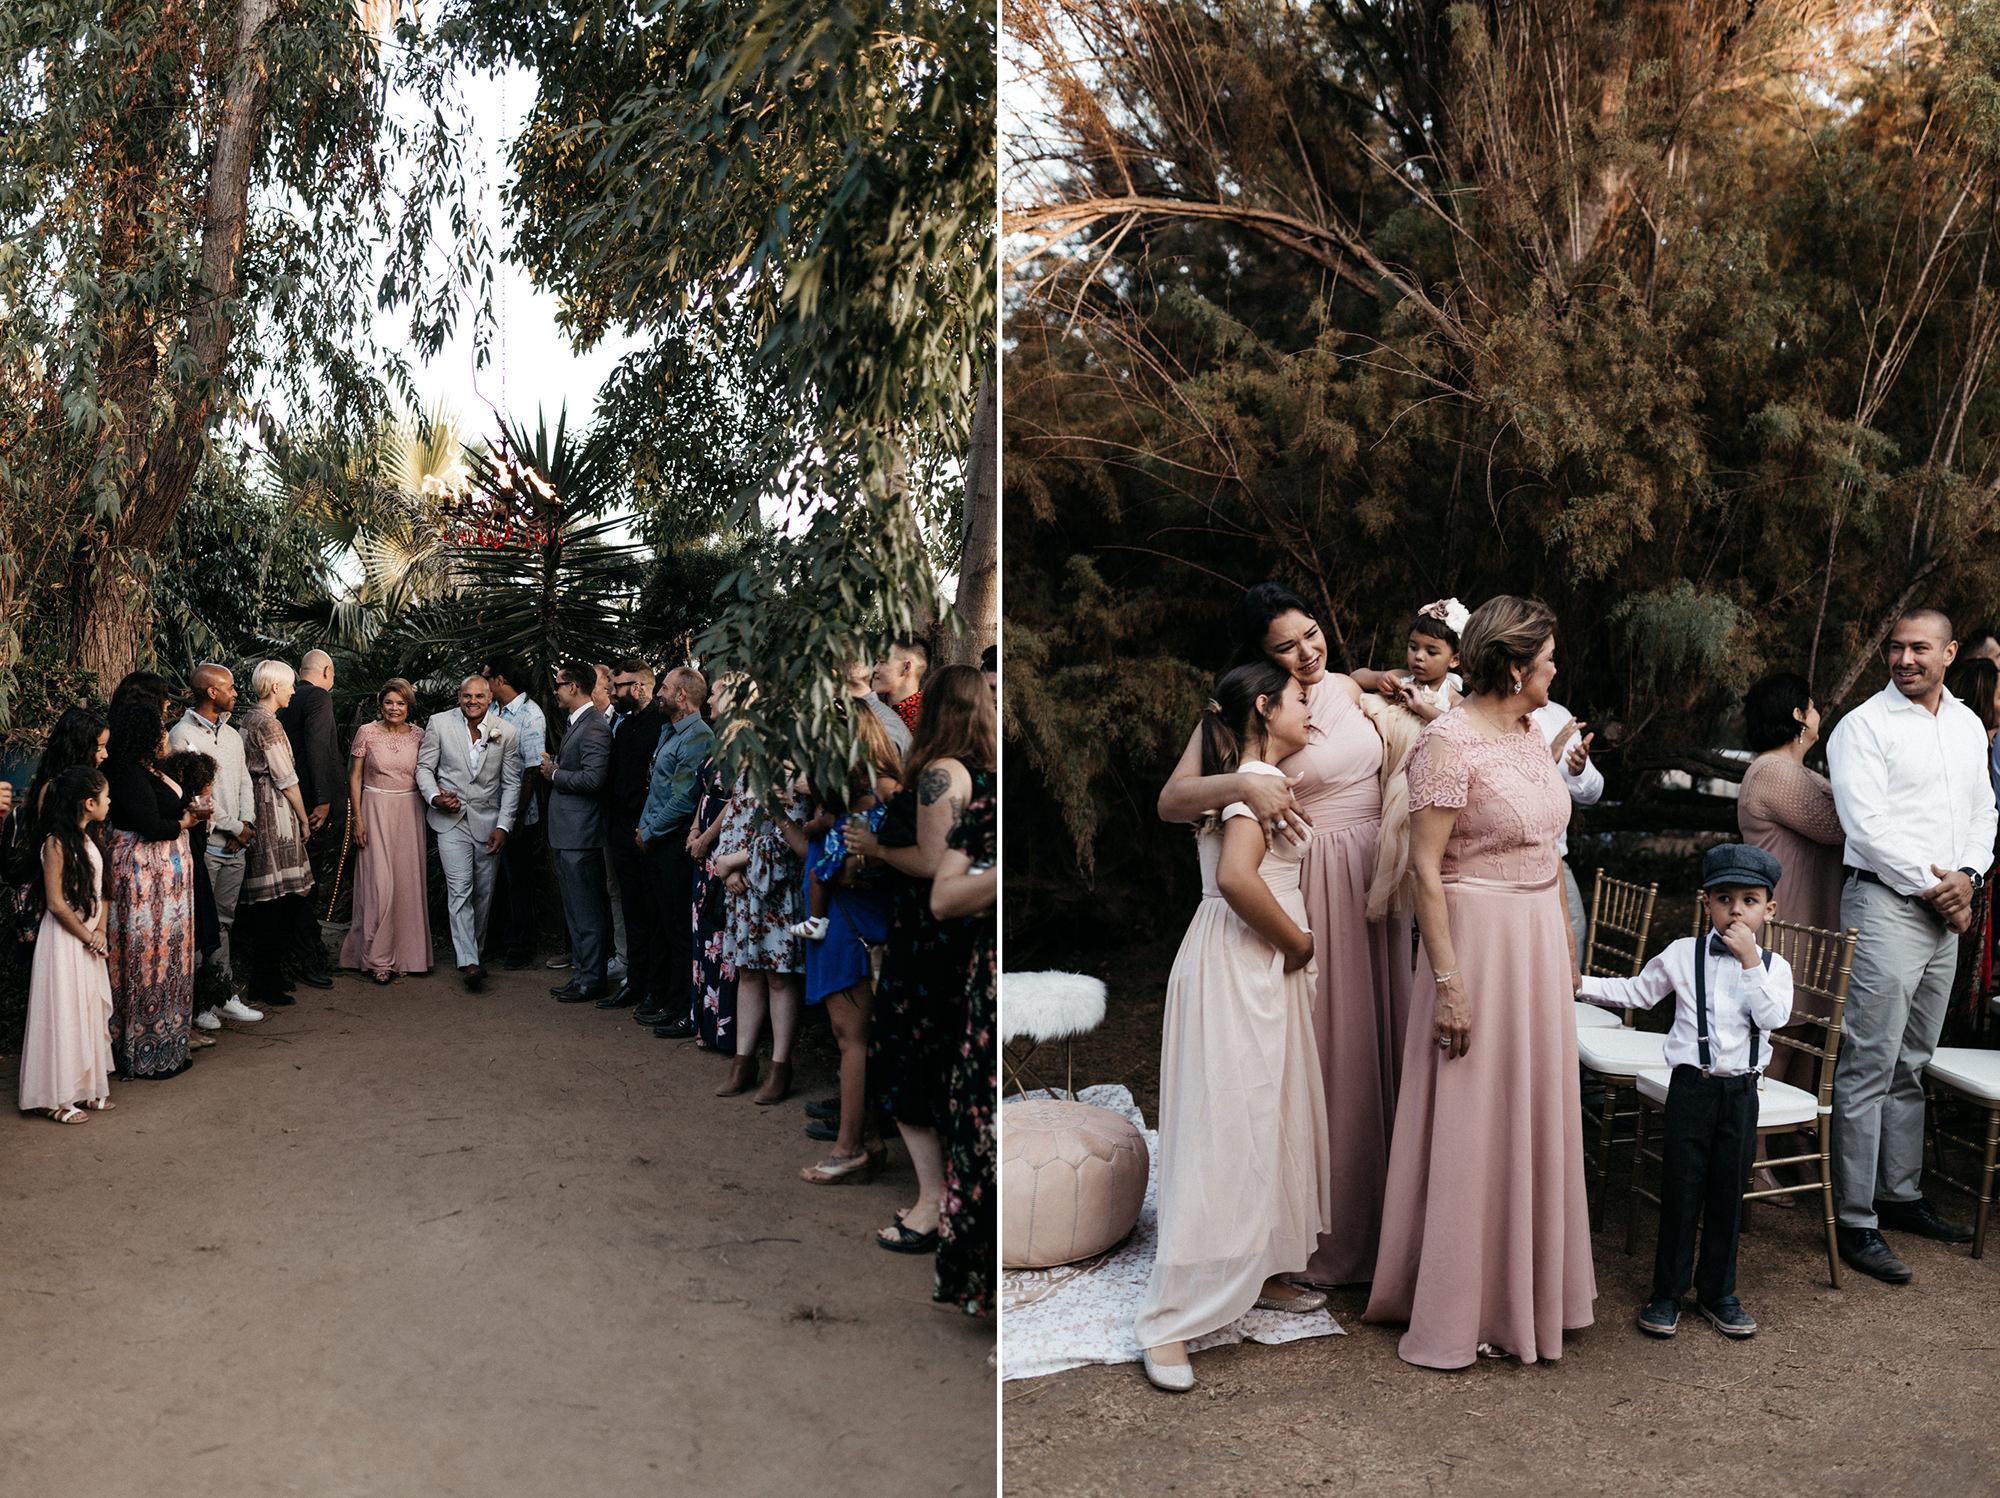 the_fire_garden_wedding-30.jpg